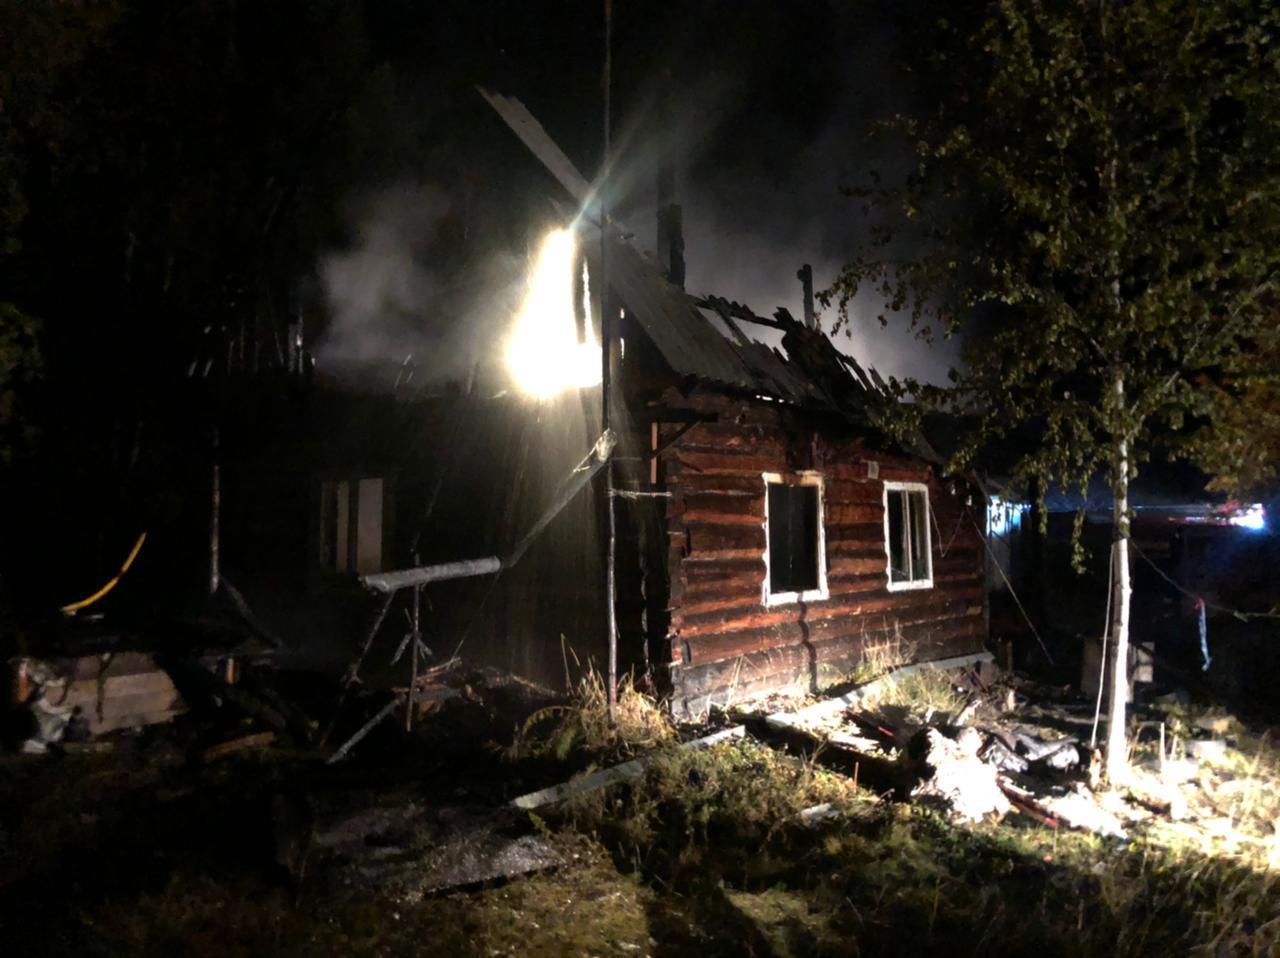 Прокуратура проводит проверку после гибели двух жителей Якутска при пожаре на даче